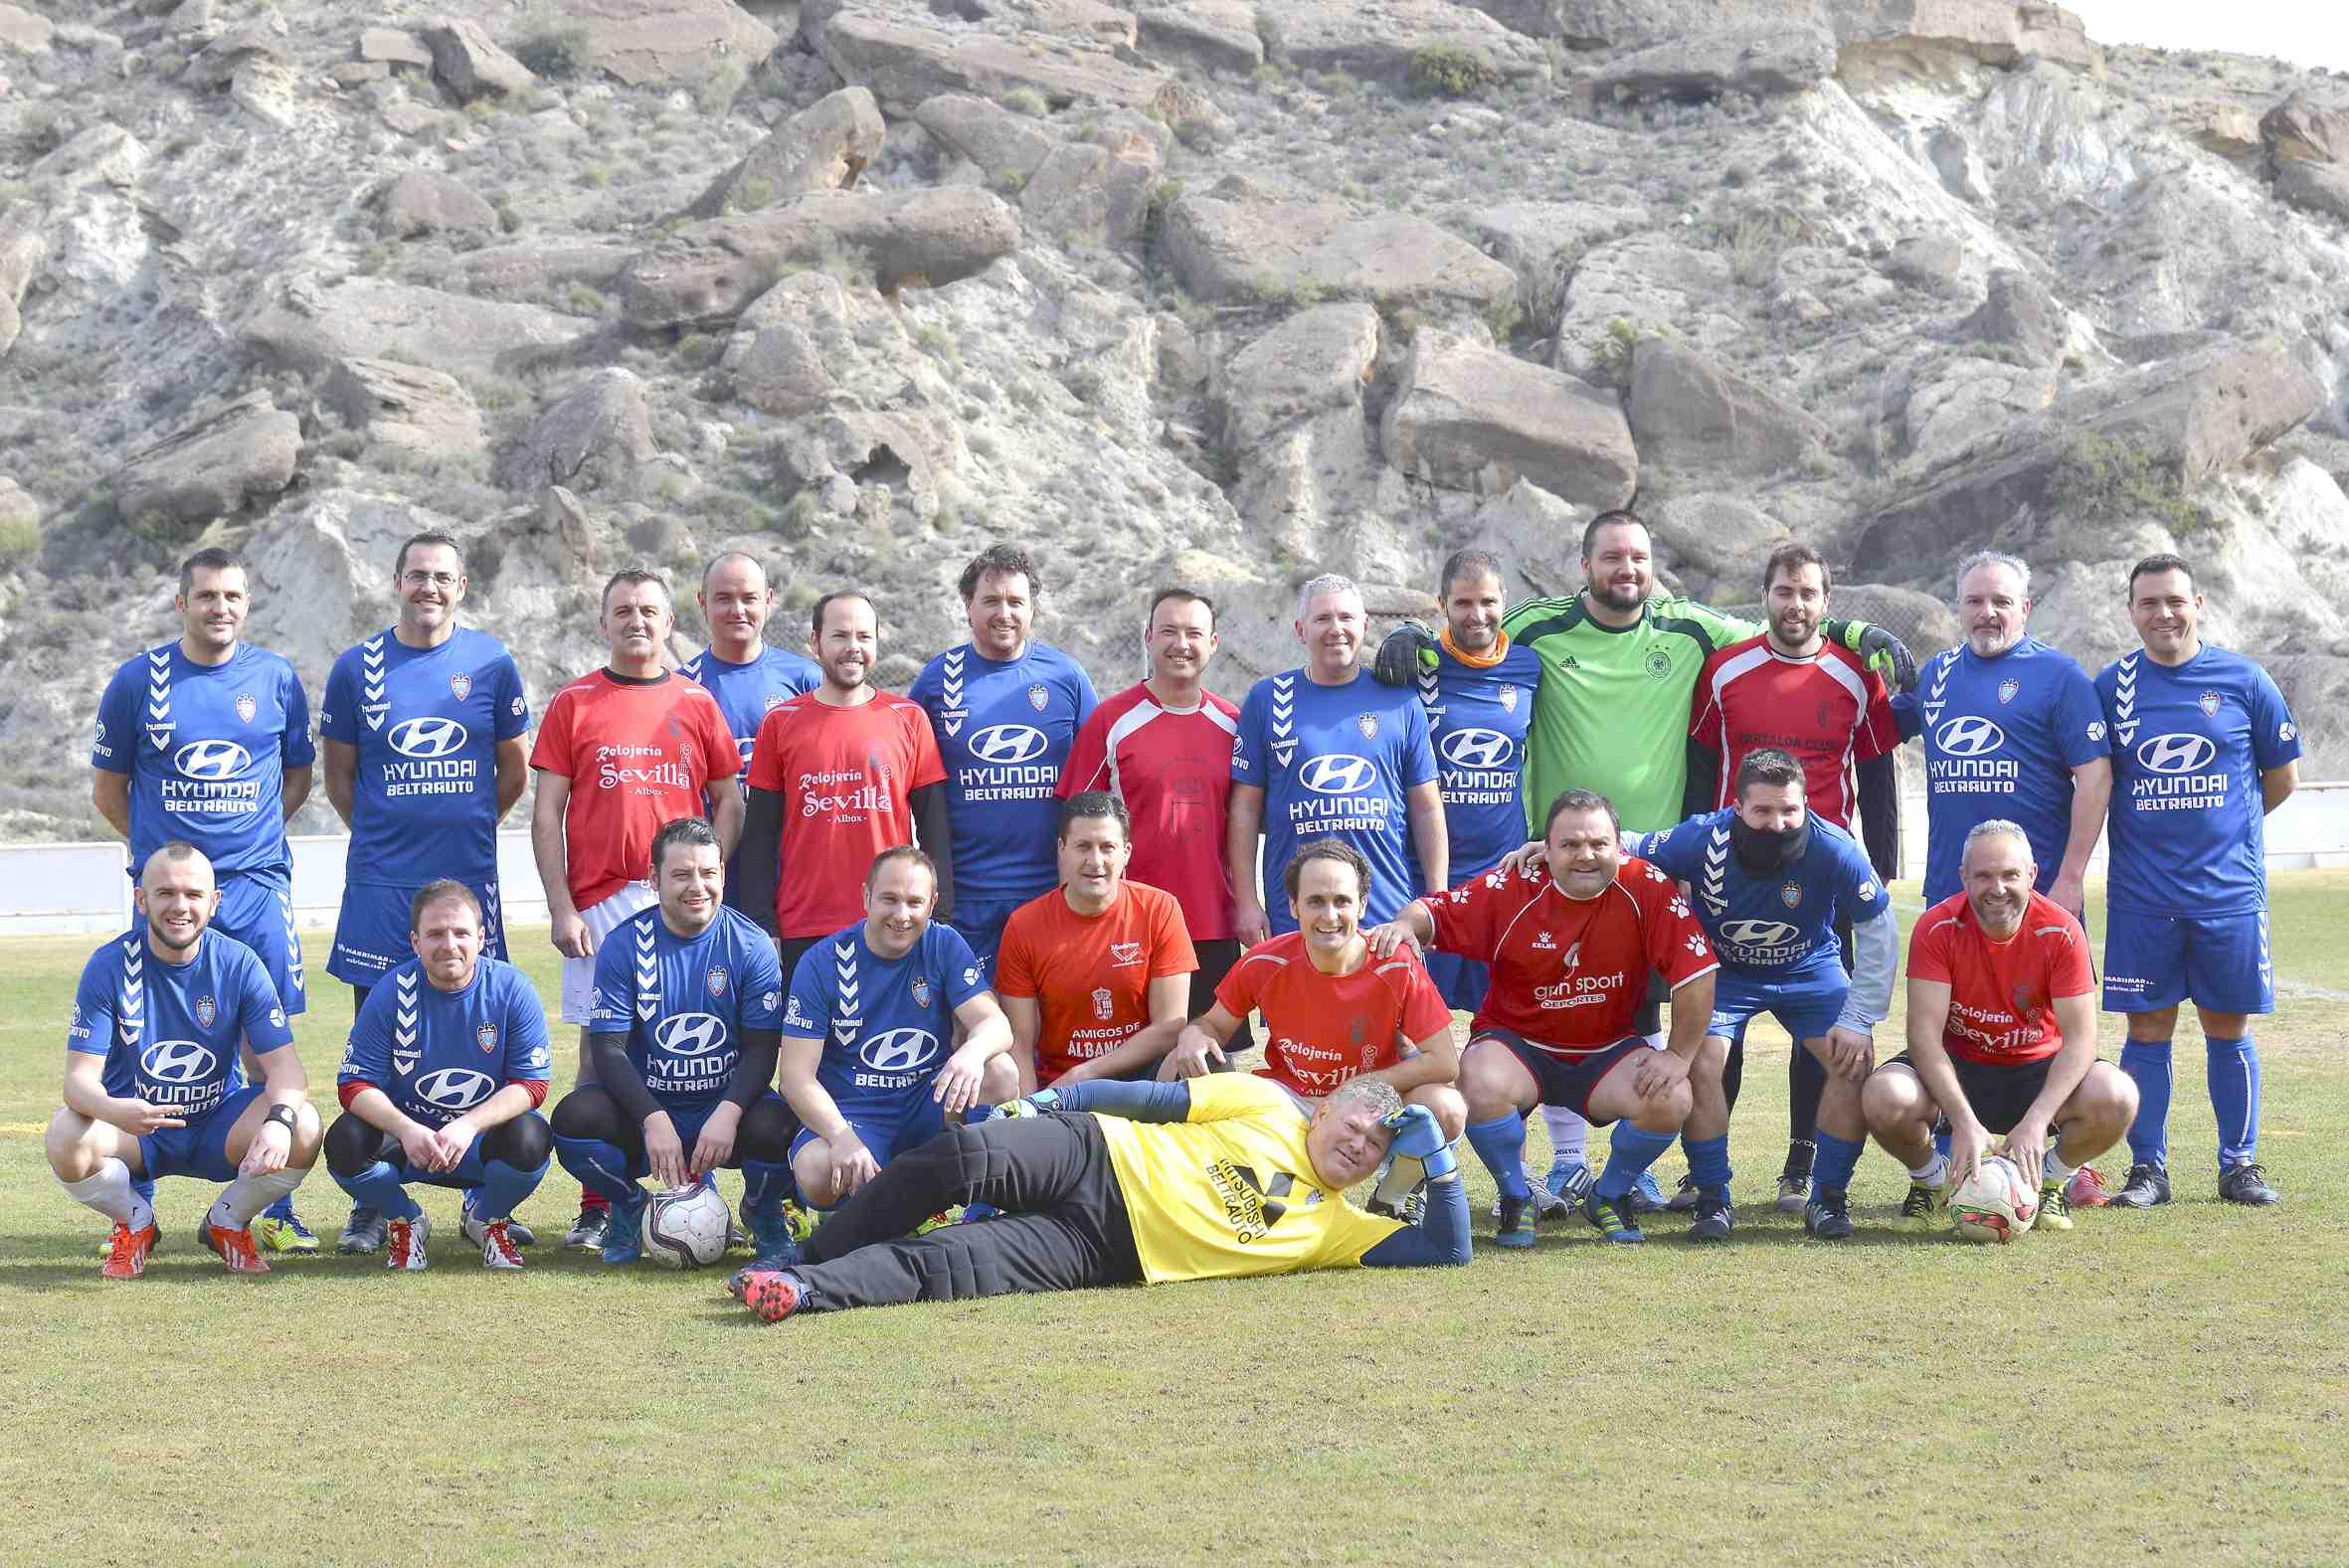 Jornada de convivencia entre los equipos de Fútbol Veteranos de Ibi y Partaloa (Almería)